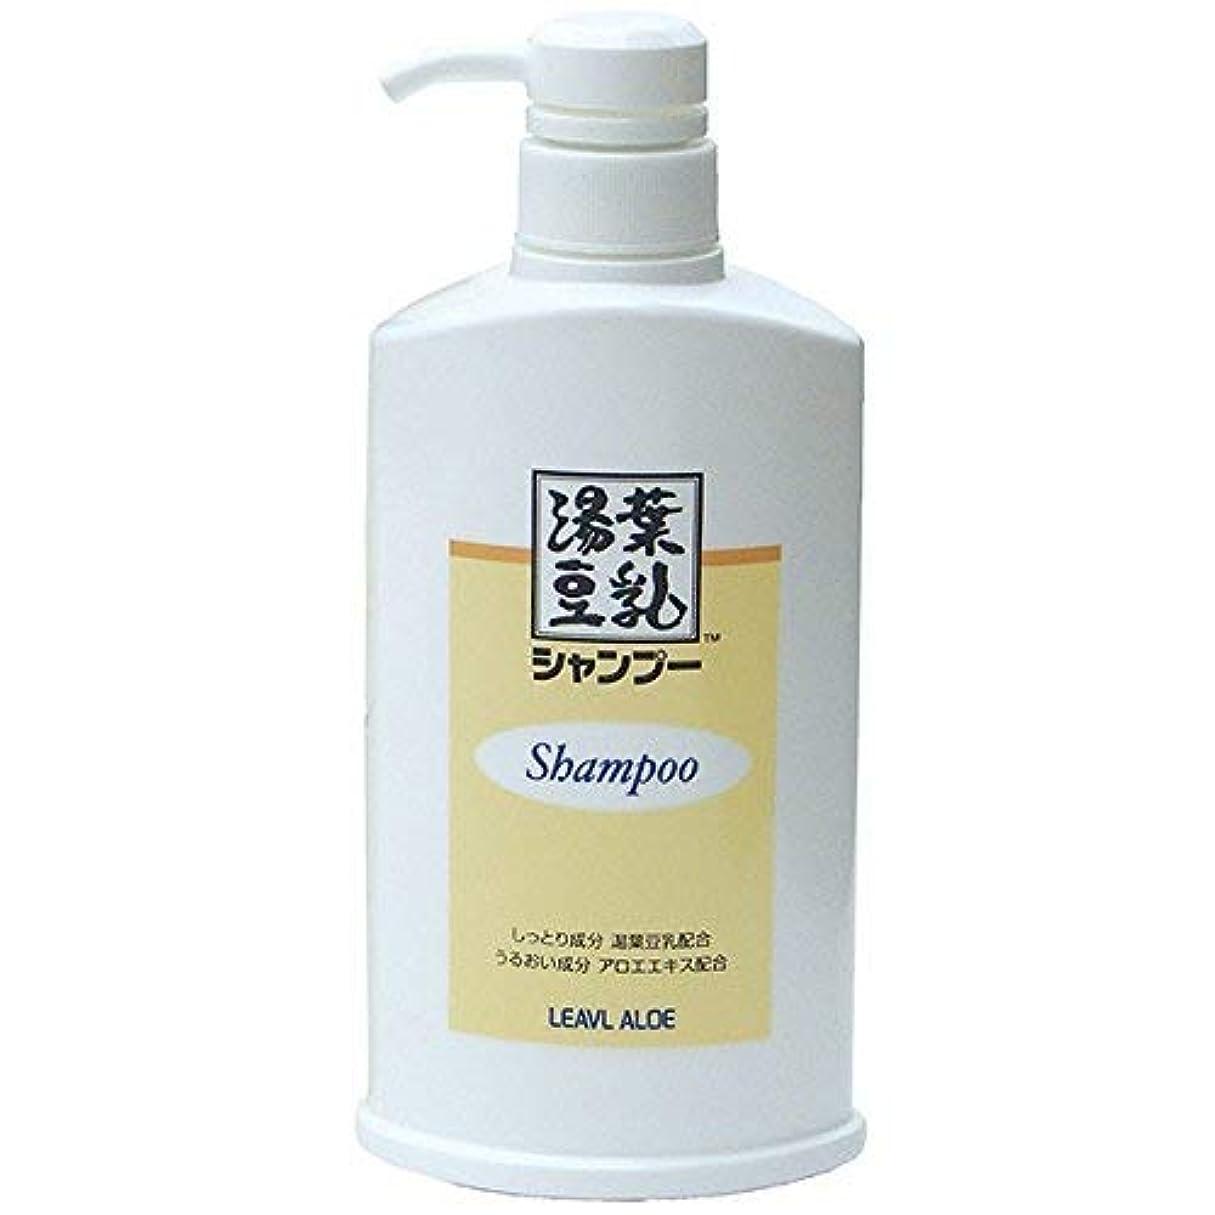 ラメ奪う協力湯葉豆乳シャンプー 500ml